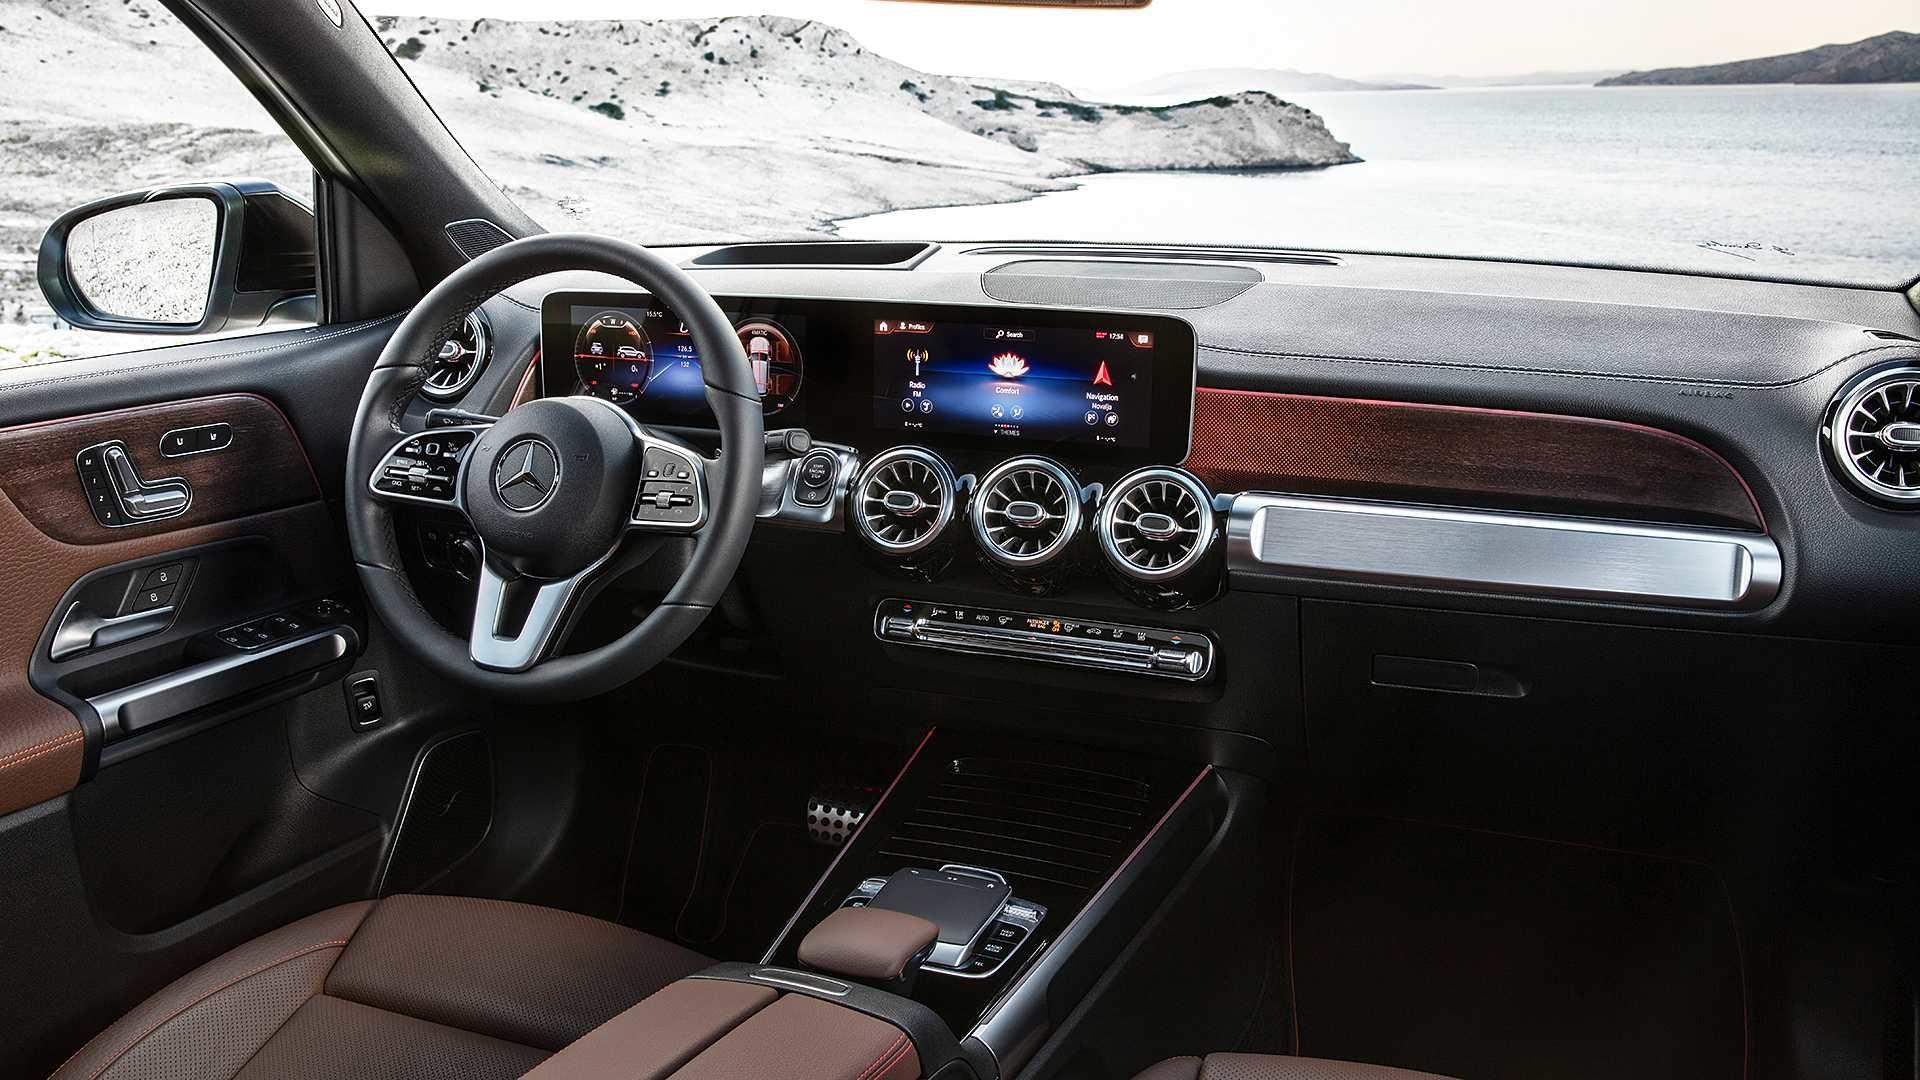 Новый кроссовер Mercedes-Benz GLB предложил 7-местный салон в компактном классе